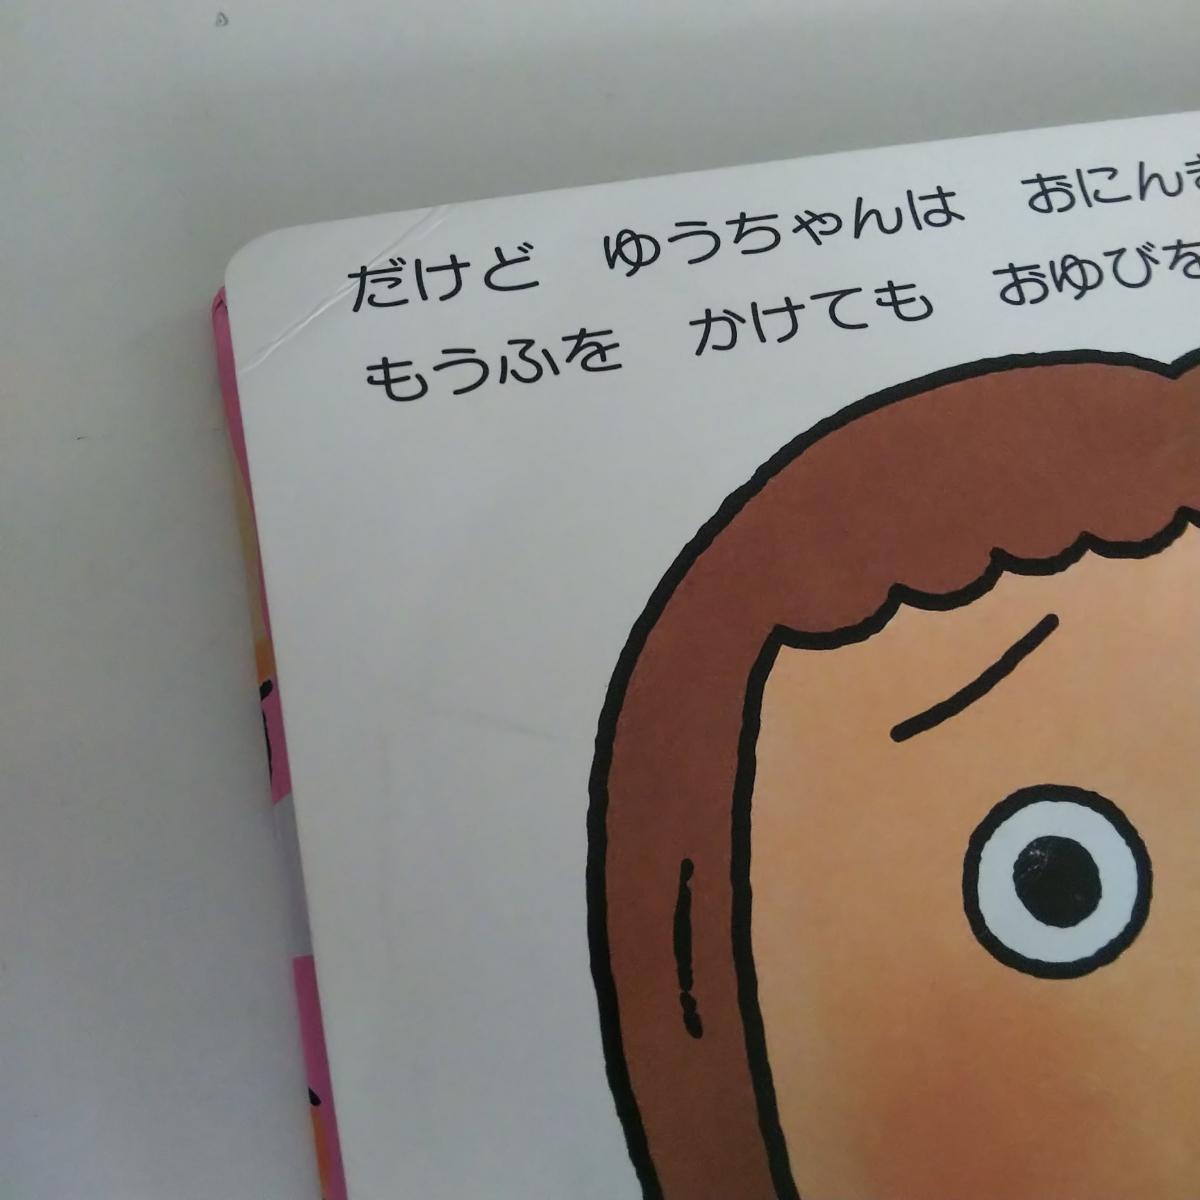 2冊セット★あかちゃんのあそびえほん①ごあいさつあそび⑦いいこでねんねできるかな★送料無料★きむらゆういち★中古絵本_ねんね